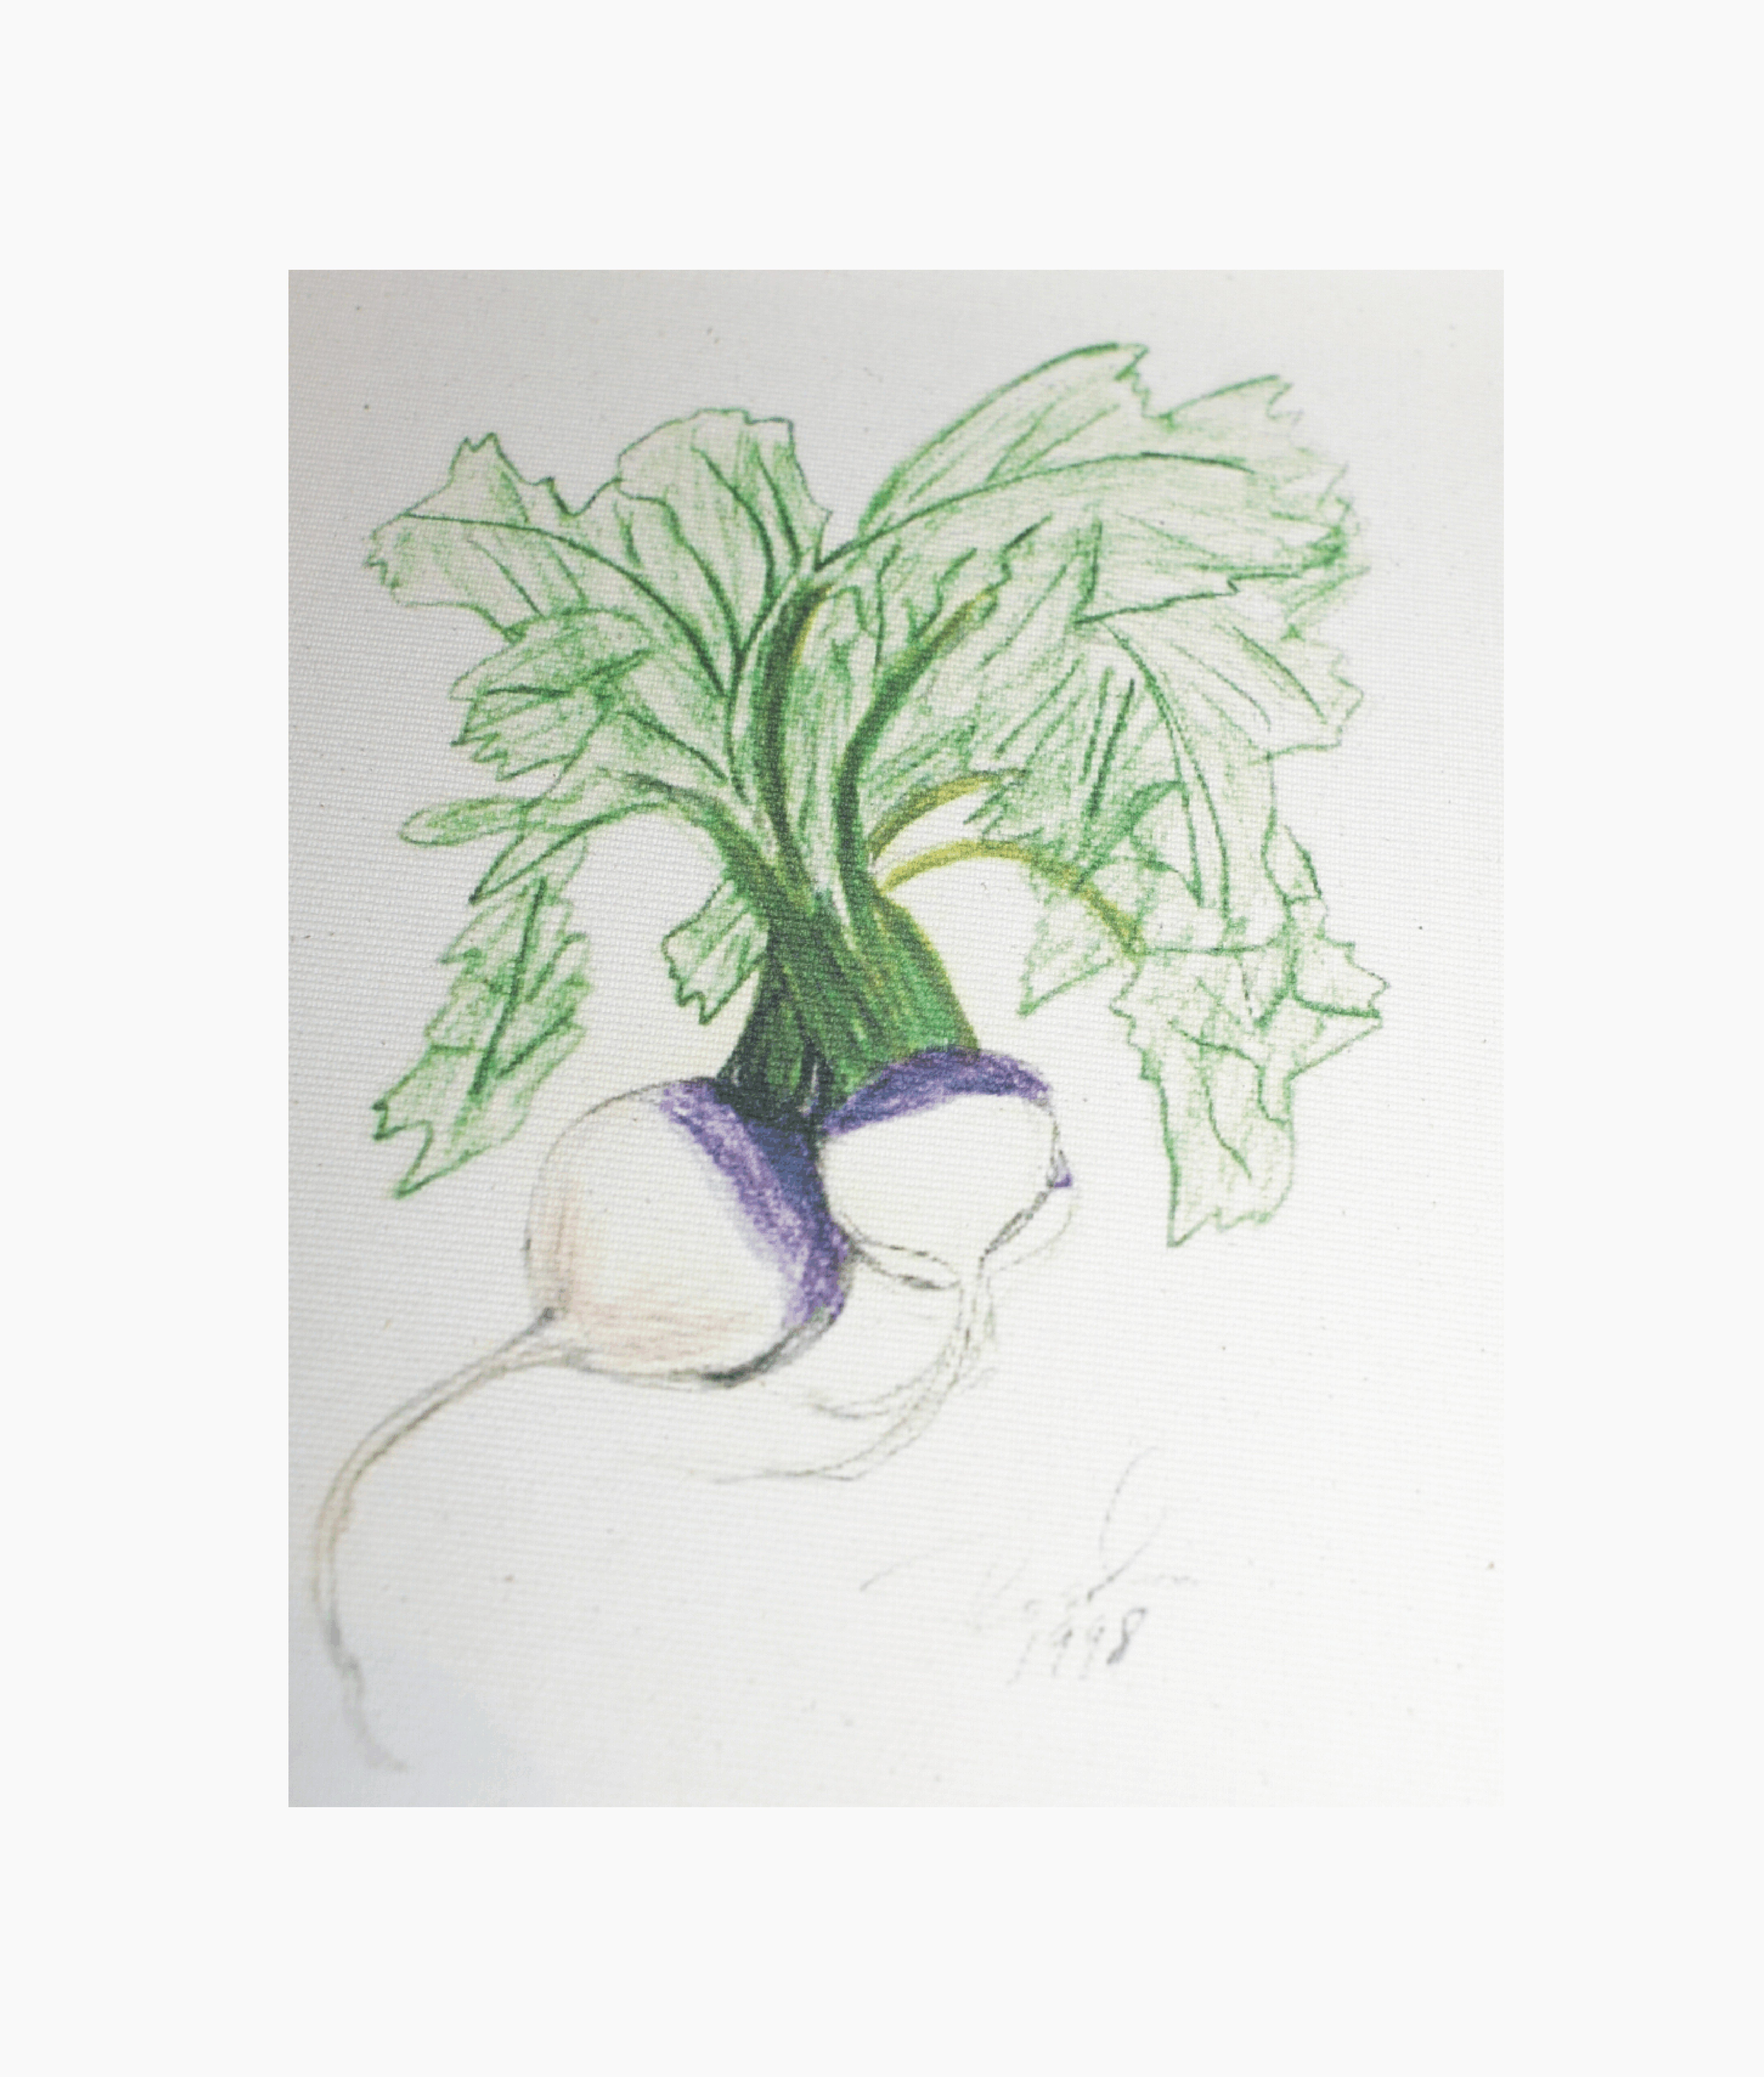 https://0201.nccdn.net/1_2/000/000/163/e3e/turnips_01.jpg